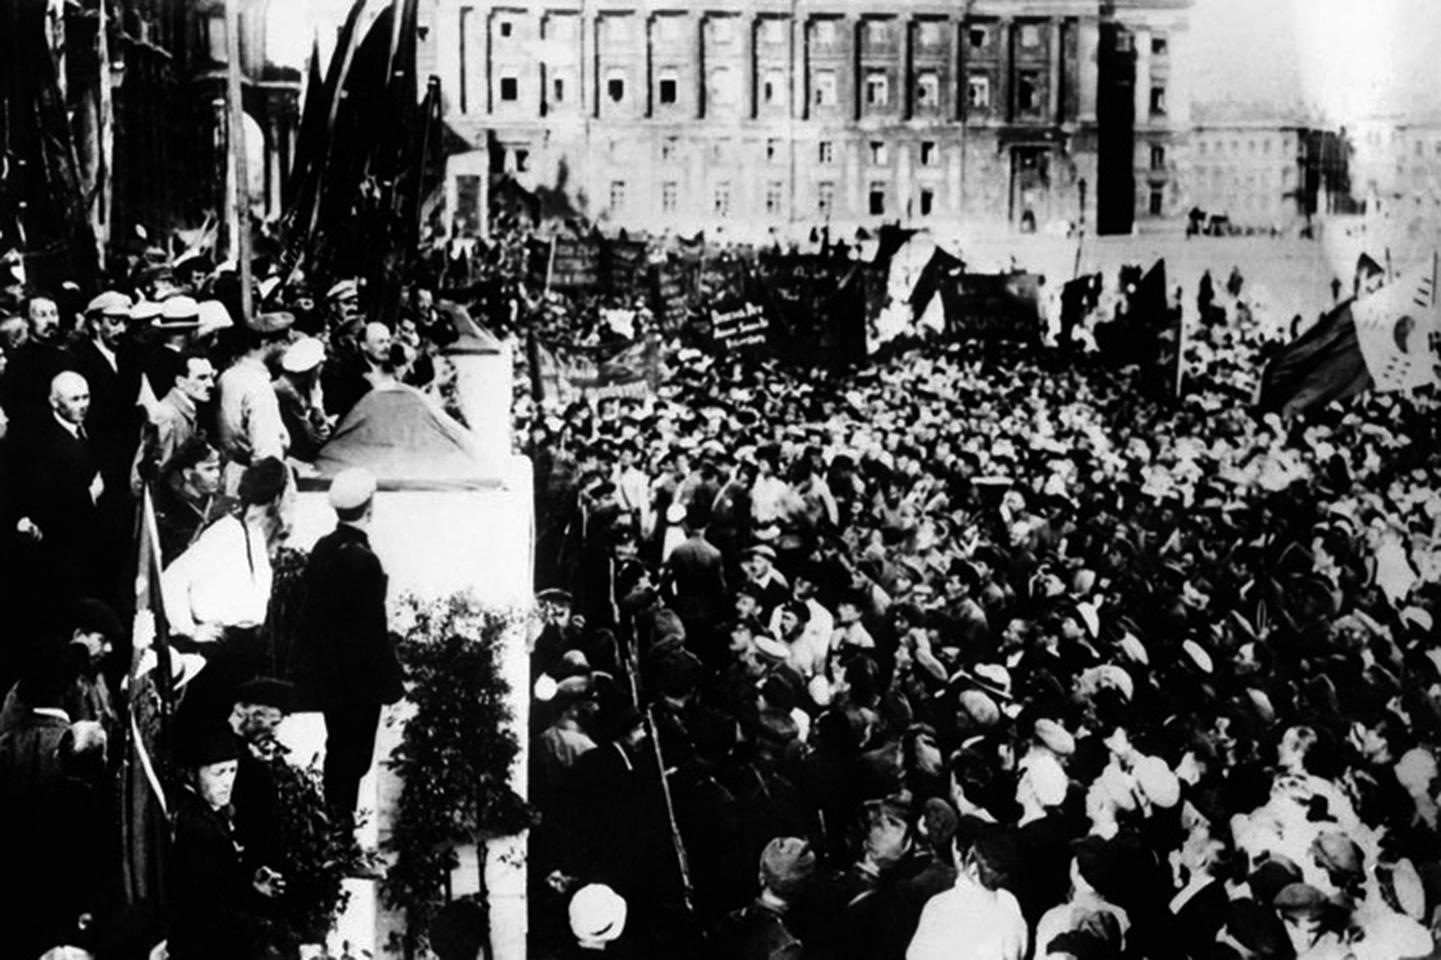 1919年,蘇聯成立了「第三國際」,企圖向全世界輸出革命,讓整個國際社會完全赤化。突圍1920年「第三國際」第二次代表大會。(AFP)